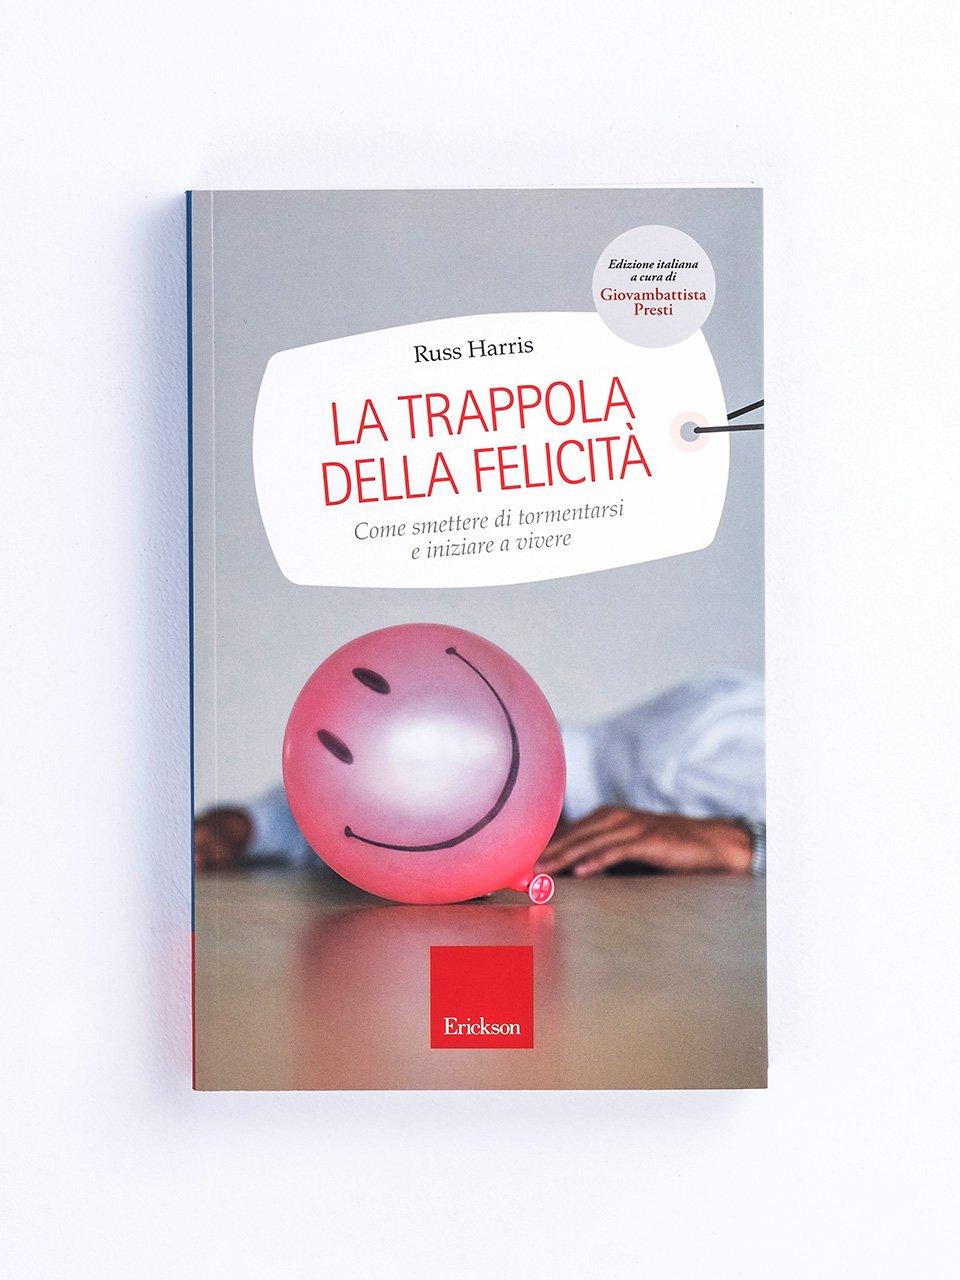 La trappola della felicità - Libri - Erickson